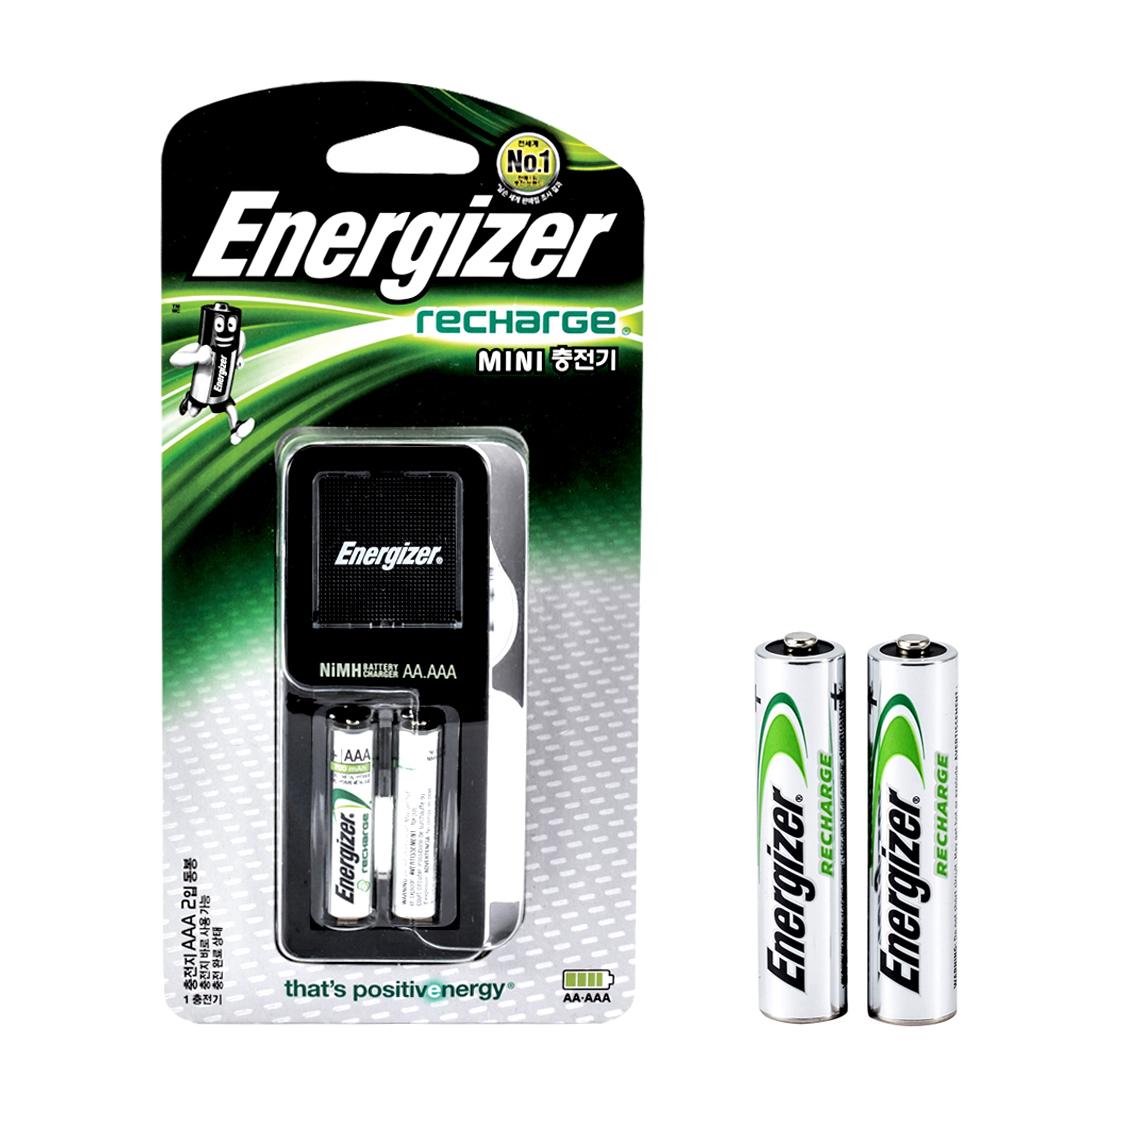 에너자이저 미니 충전기 CH2PC4 + 충전지 AAA 2p 세트, 1세트